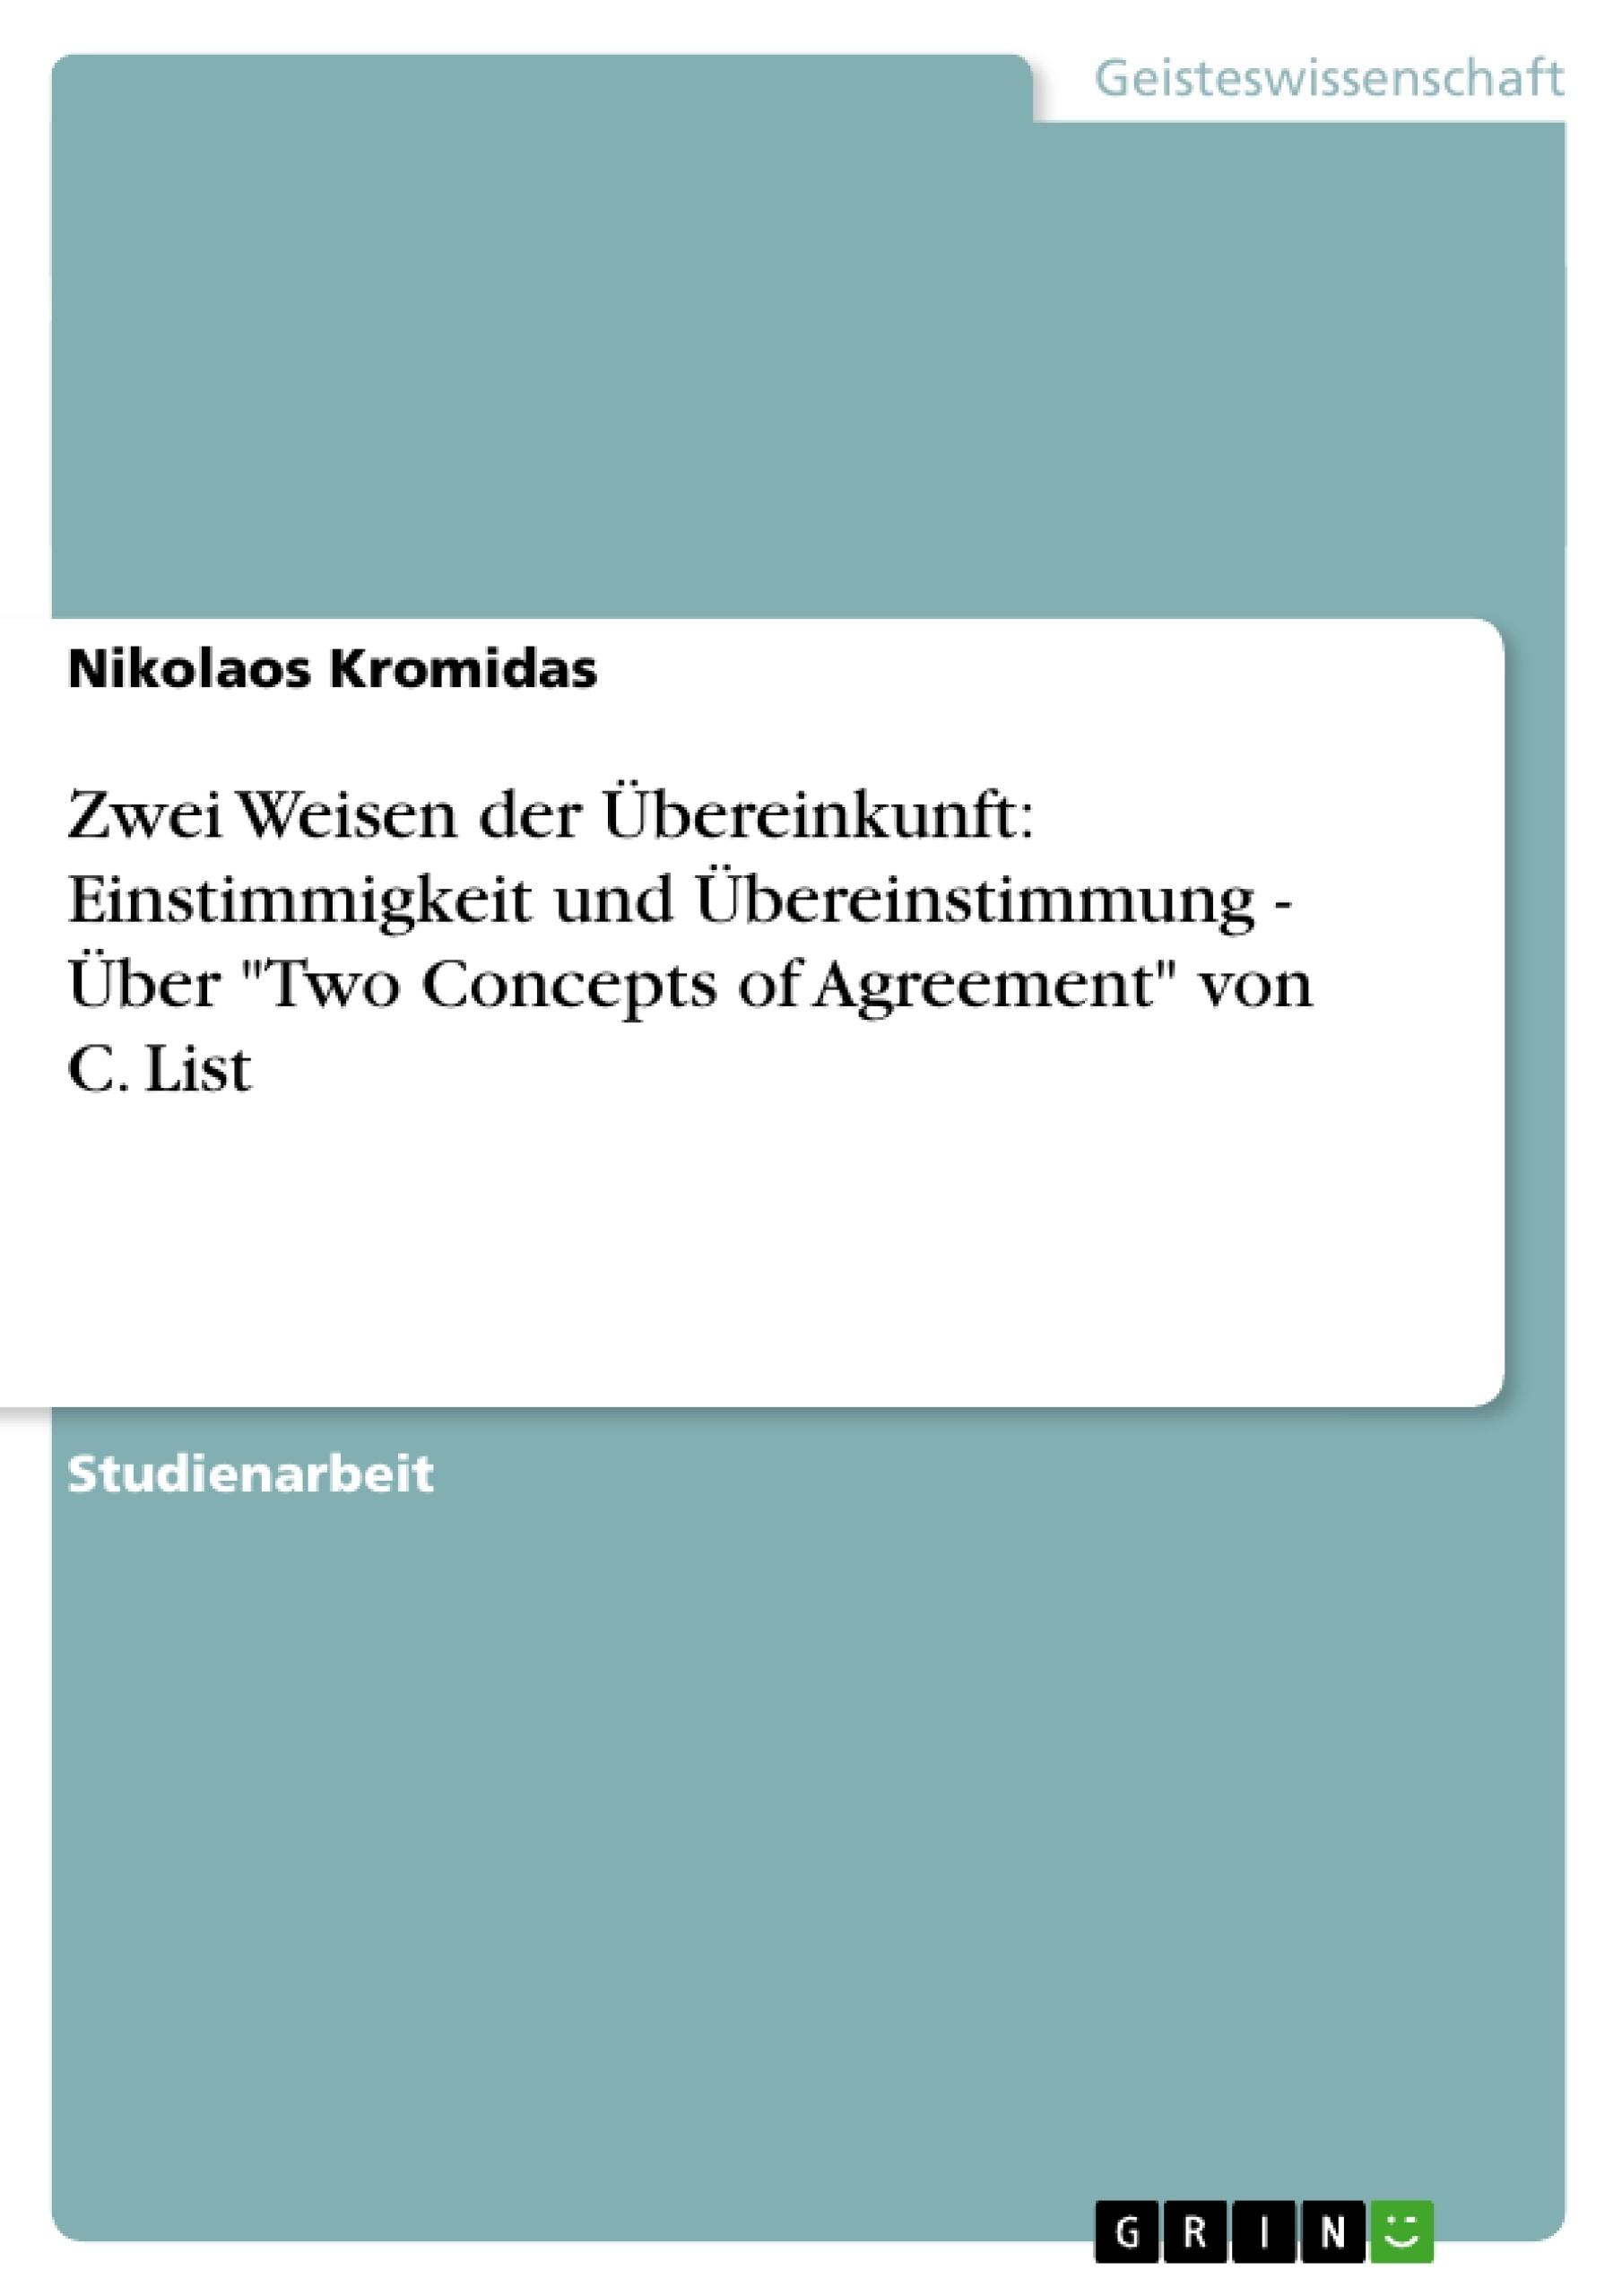 """Titel: Zwei Weisen der Übereinkunft: Einstimmigkeit und Übereinstimmung - Über """"Two Concepts of Agreement"""" von C. List"""